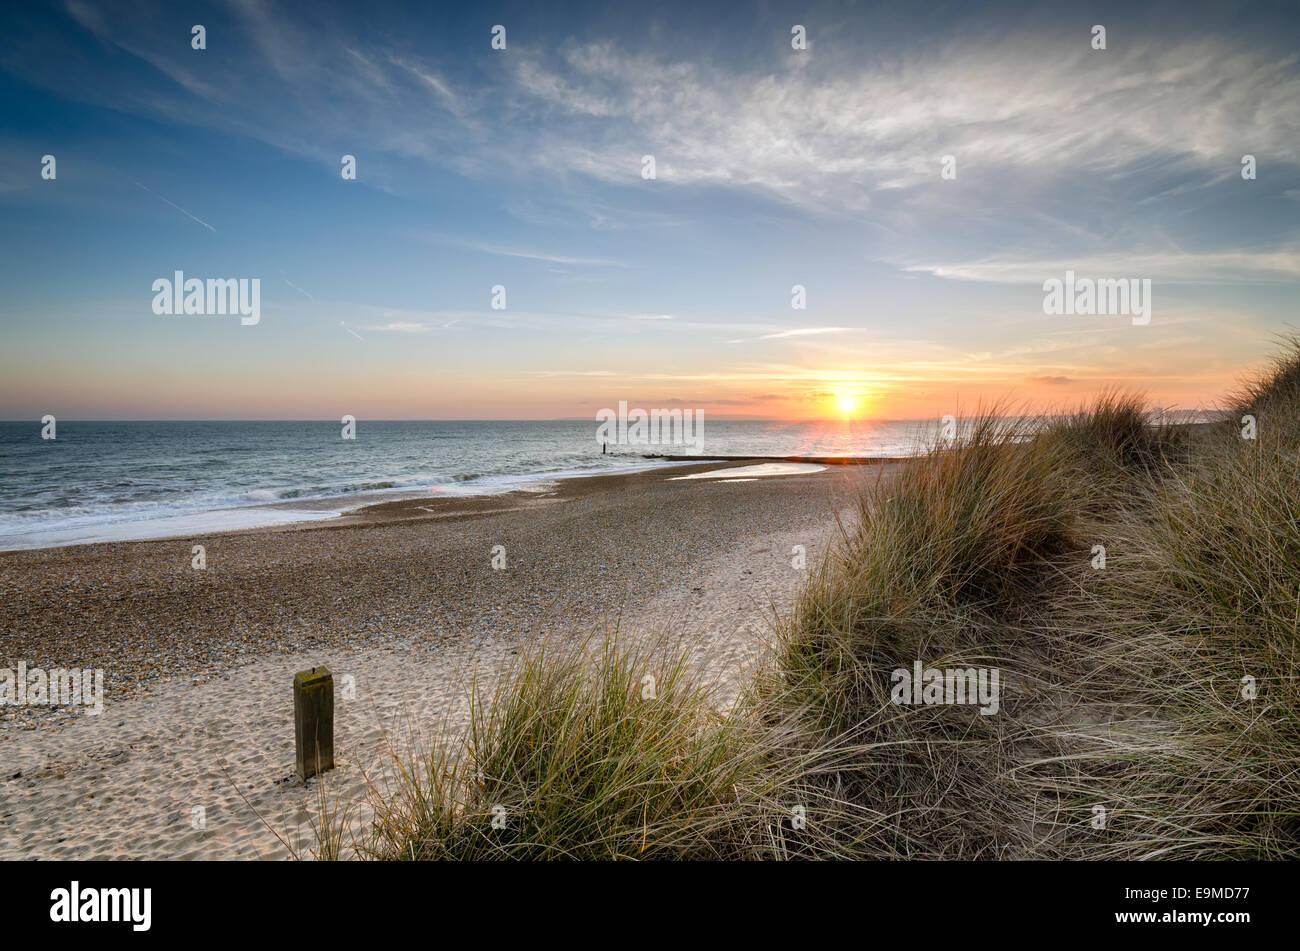 Beautiful sunset at Hengistbury Head beach near Bournemouth in Dorset Stock Photo